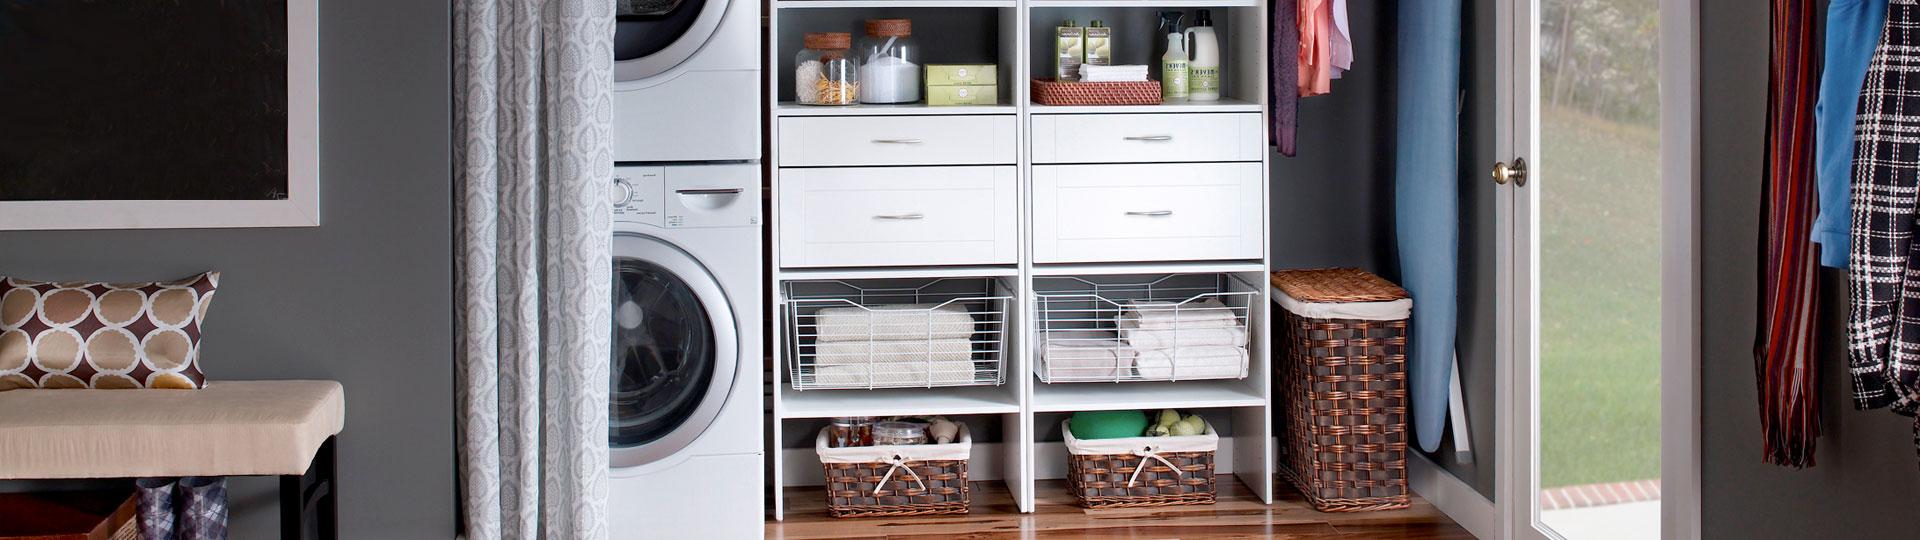 Vendita online accessori e ricambi elettrodomestici per - Accessori lavanderia casa ...